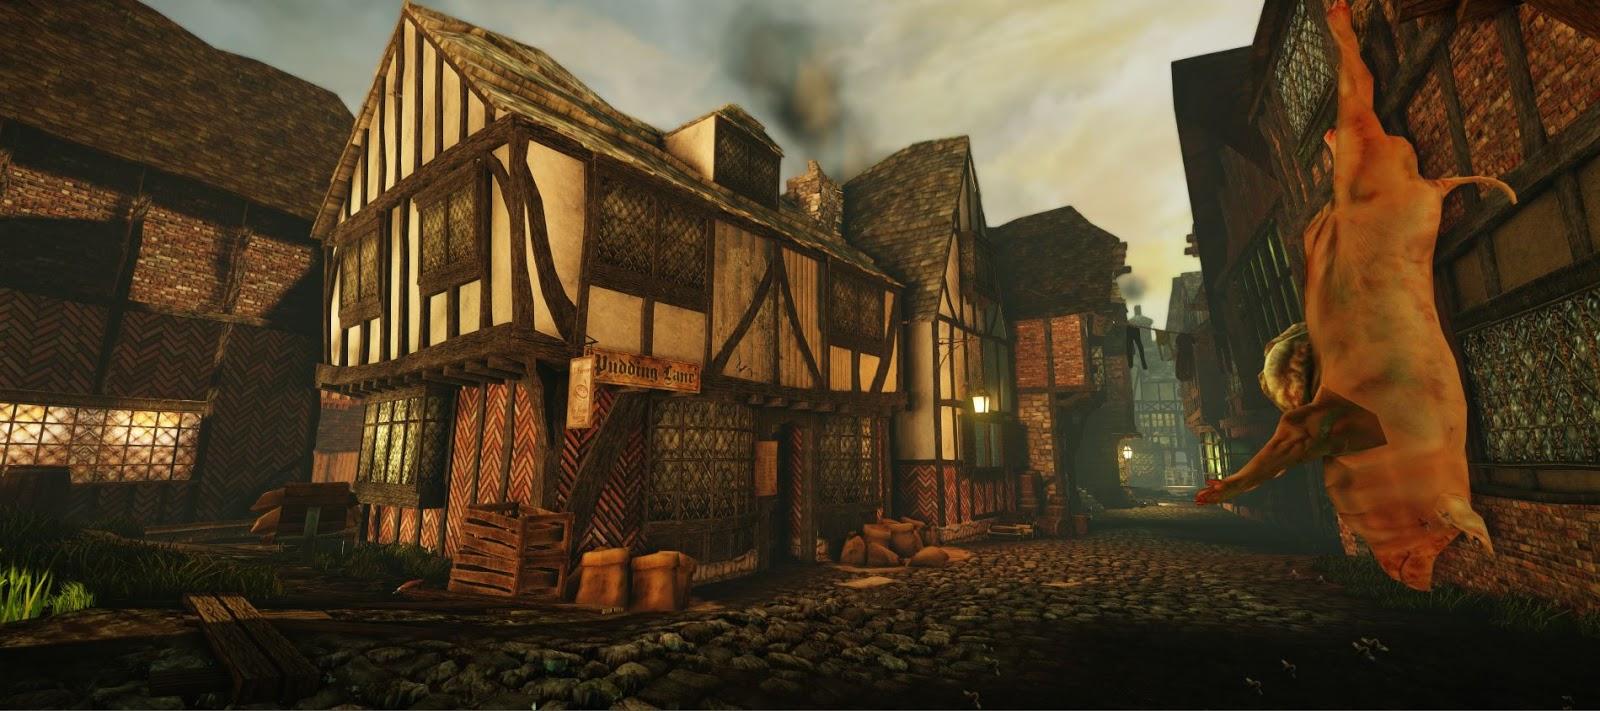 Лондон перед Великим пожаром 1666 года